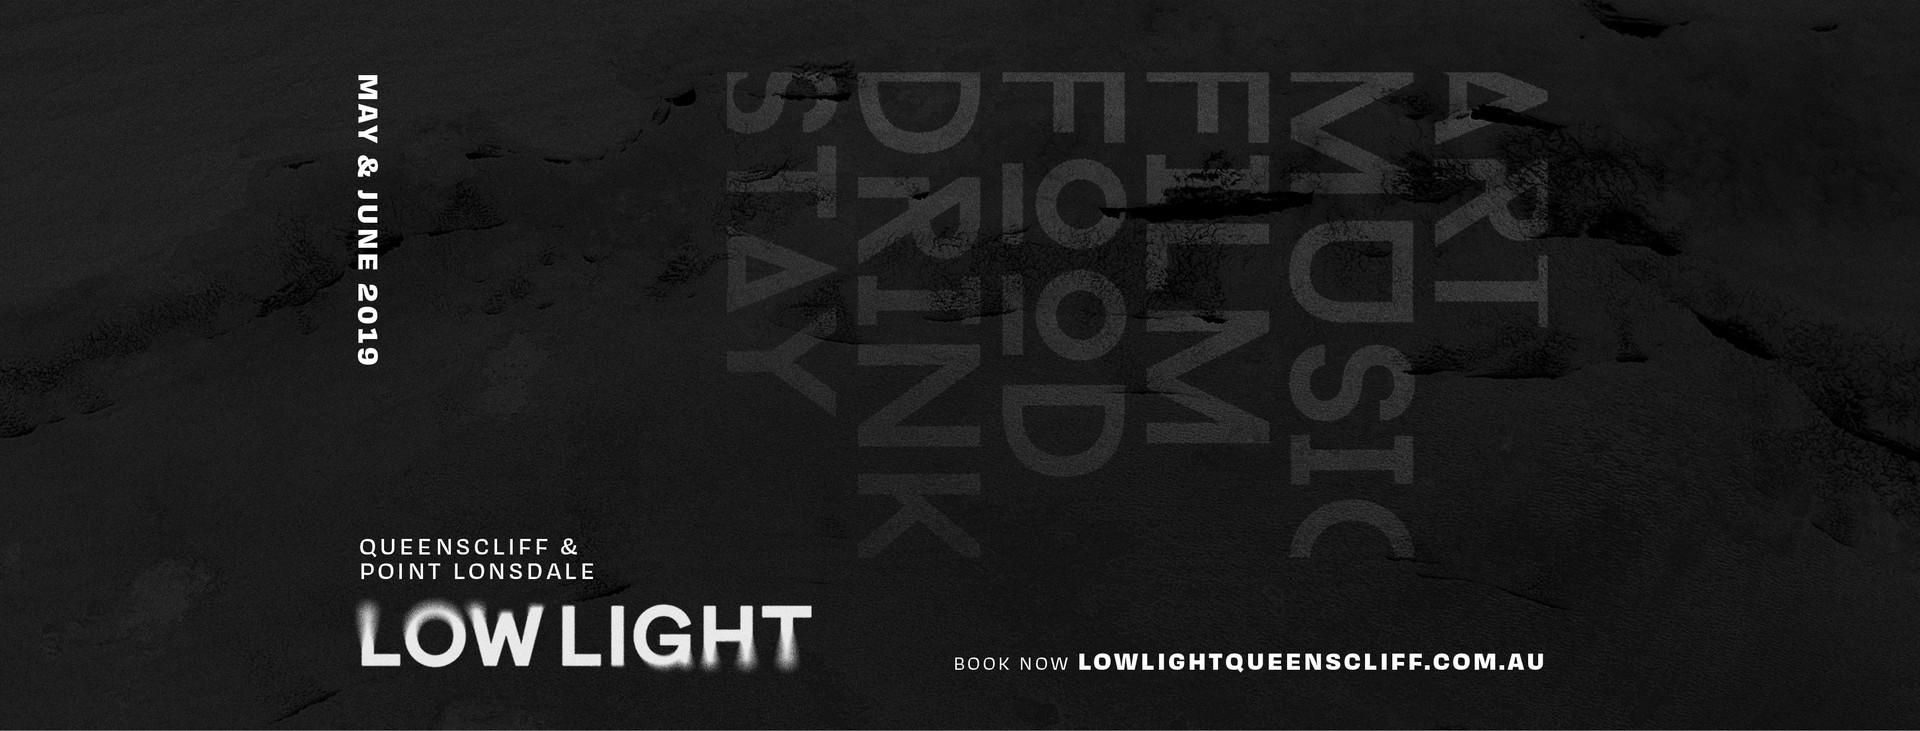 LowLight2019_FB Header.jpg